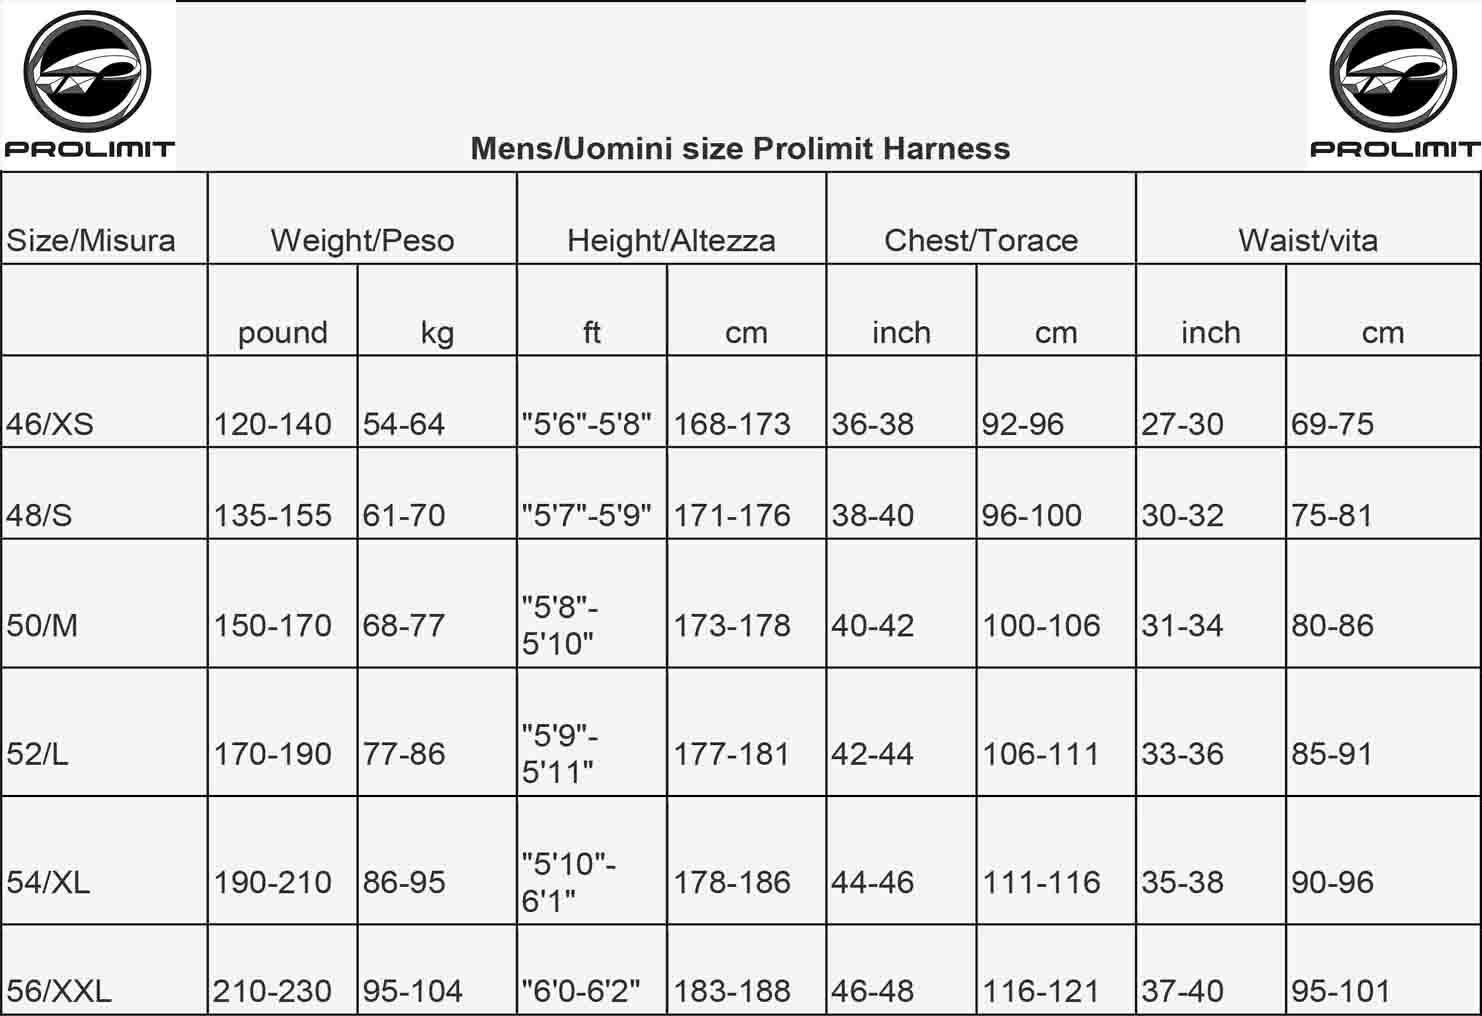 prolimit-size-misure-harness-trapezio-uomo-2015-taglia-xs-s-m-l-xl-fascia-seduto-freestyle-seat-freeride-wave-specials-offerts